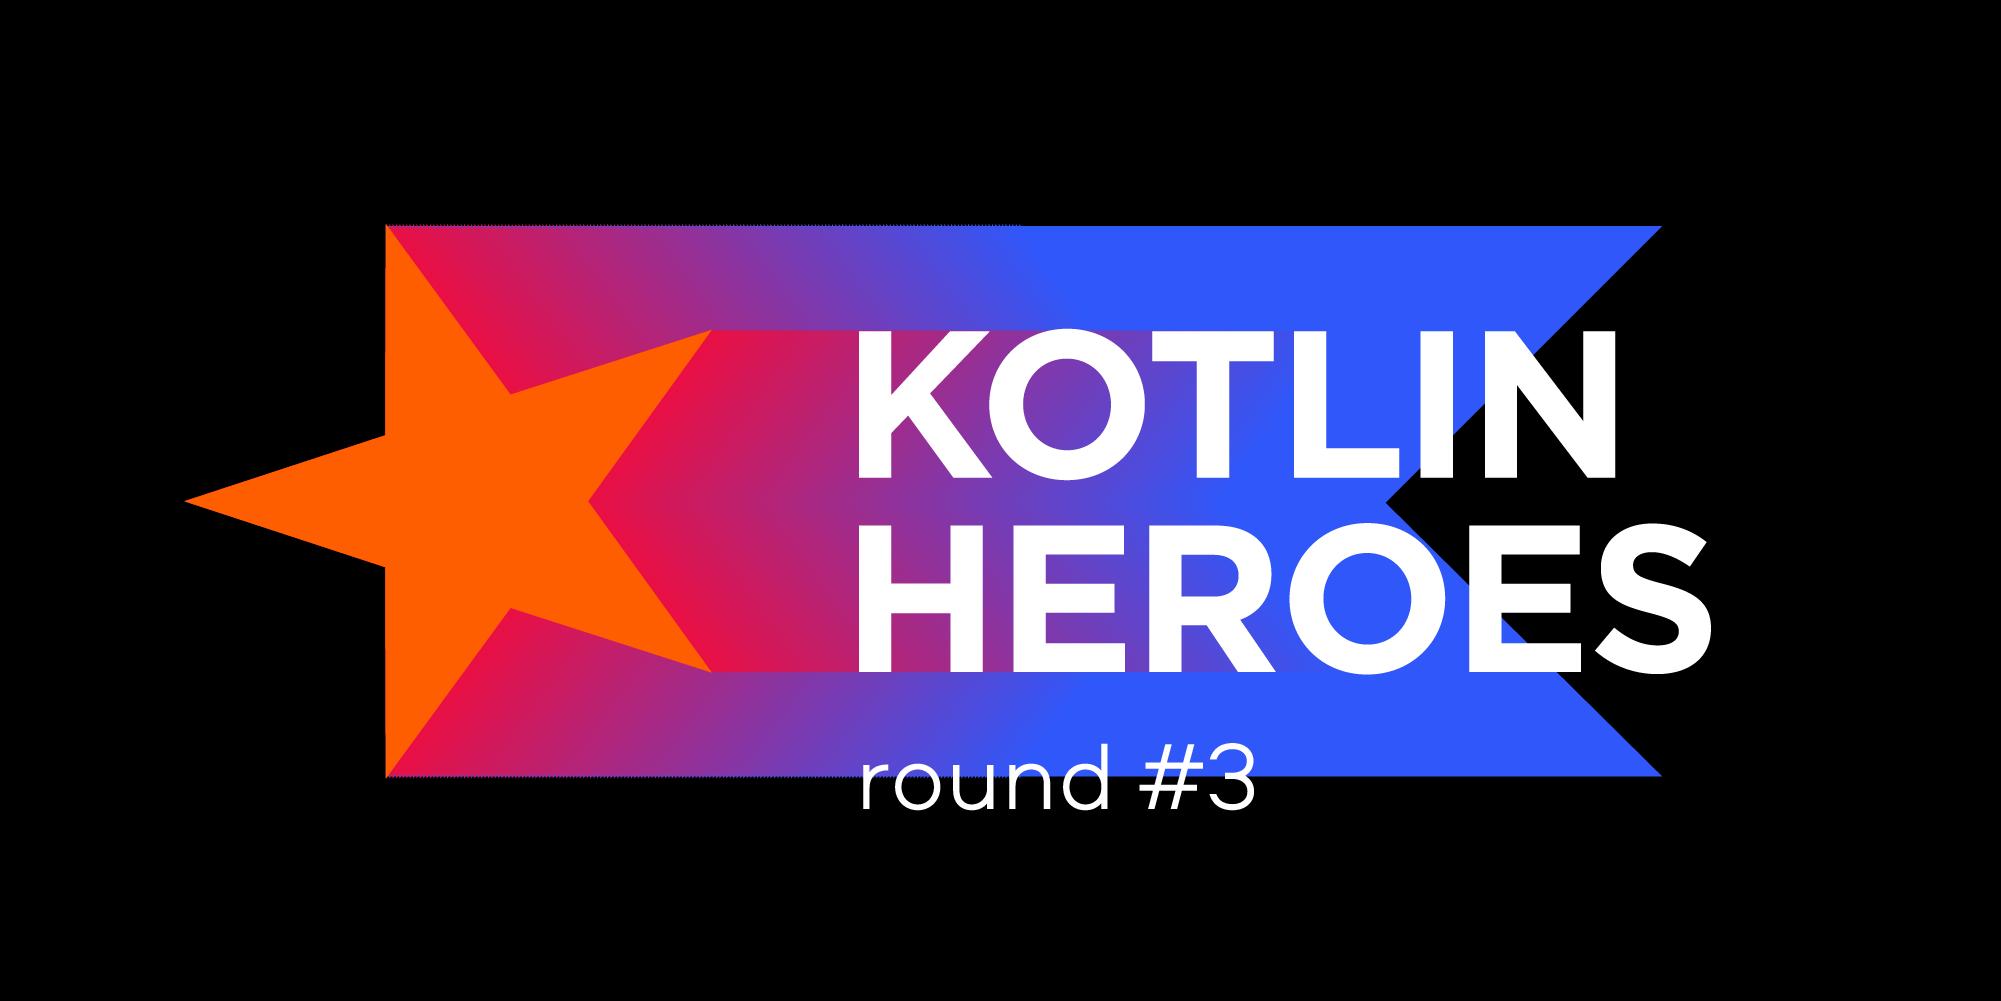 kotlin_heroes_banners-22